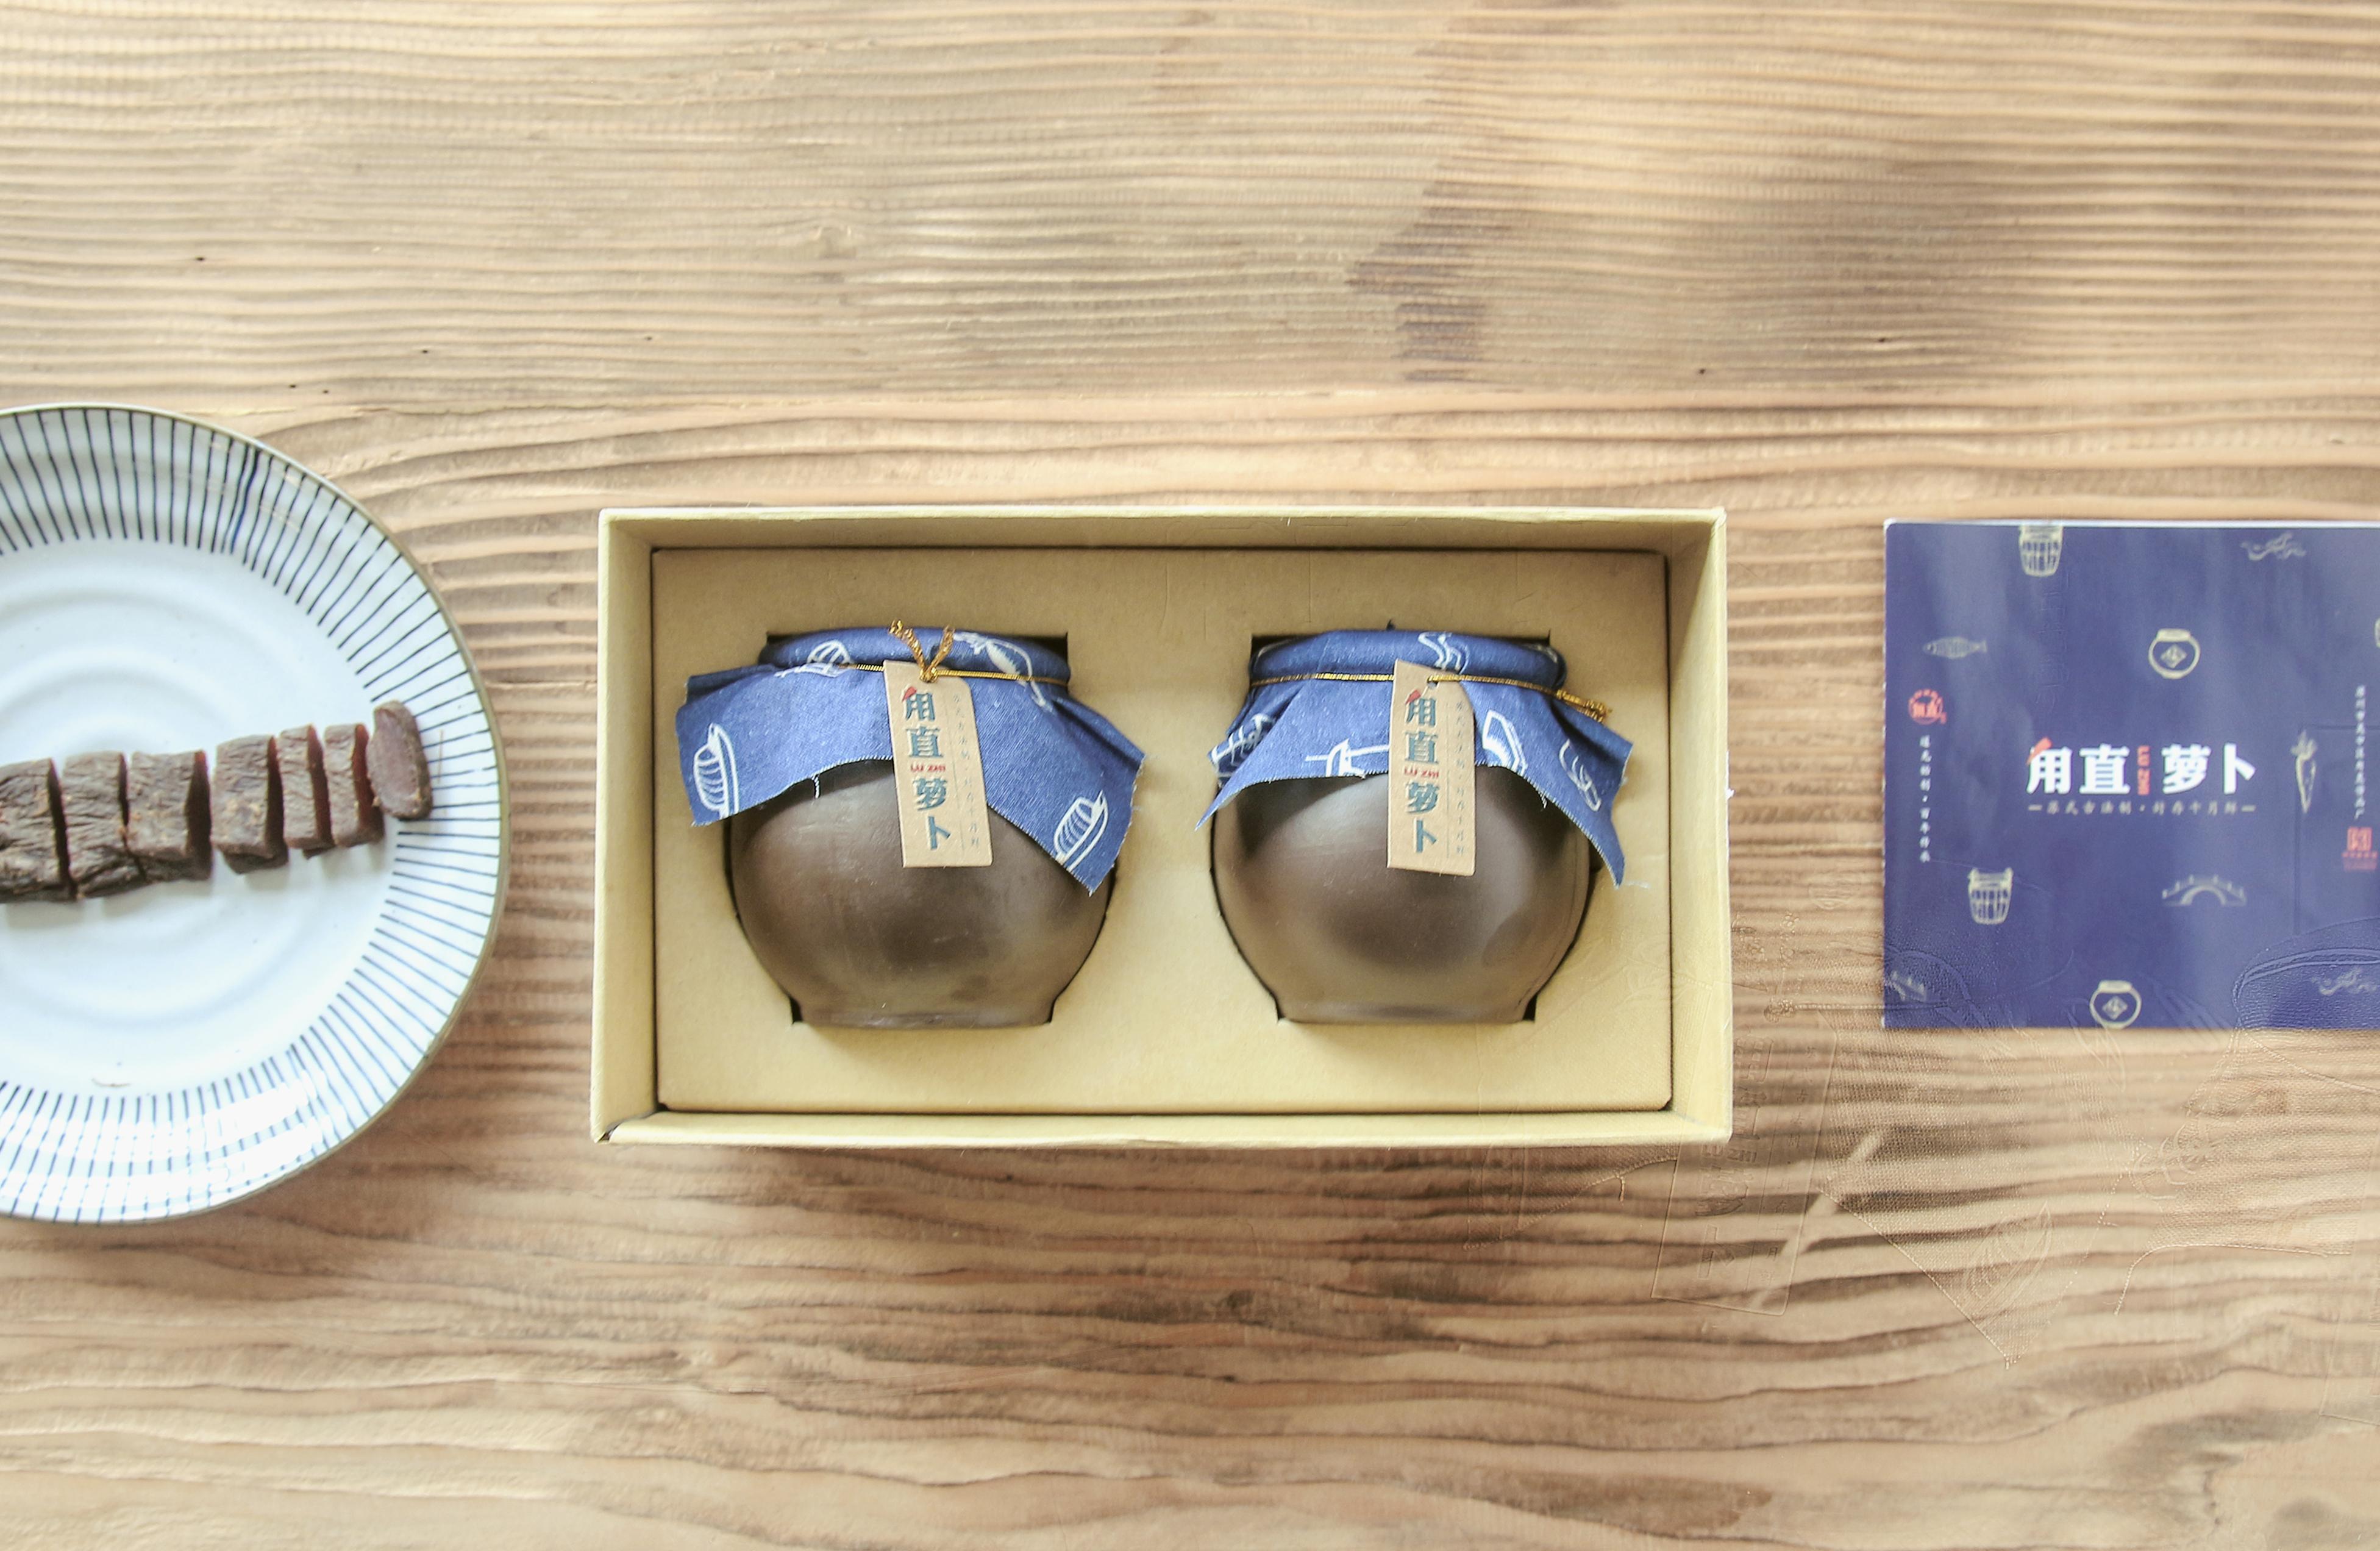 代表甪直古镇的手绘图形,被印在具有江南水乡特色的蓝印花布和纸袋上.